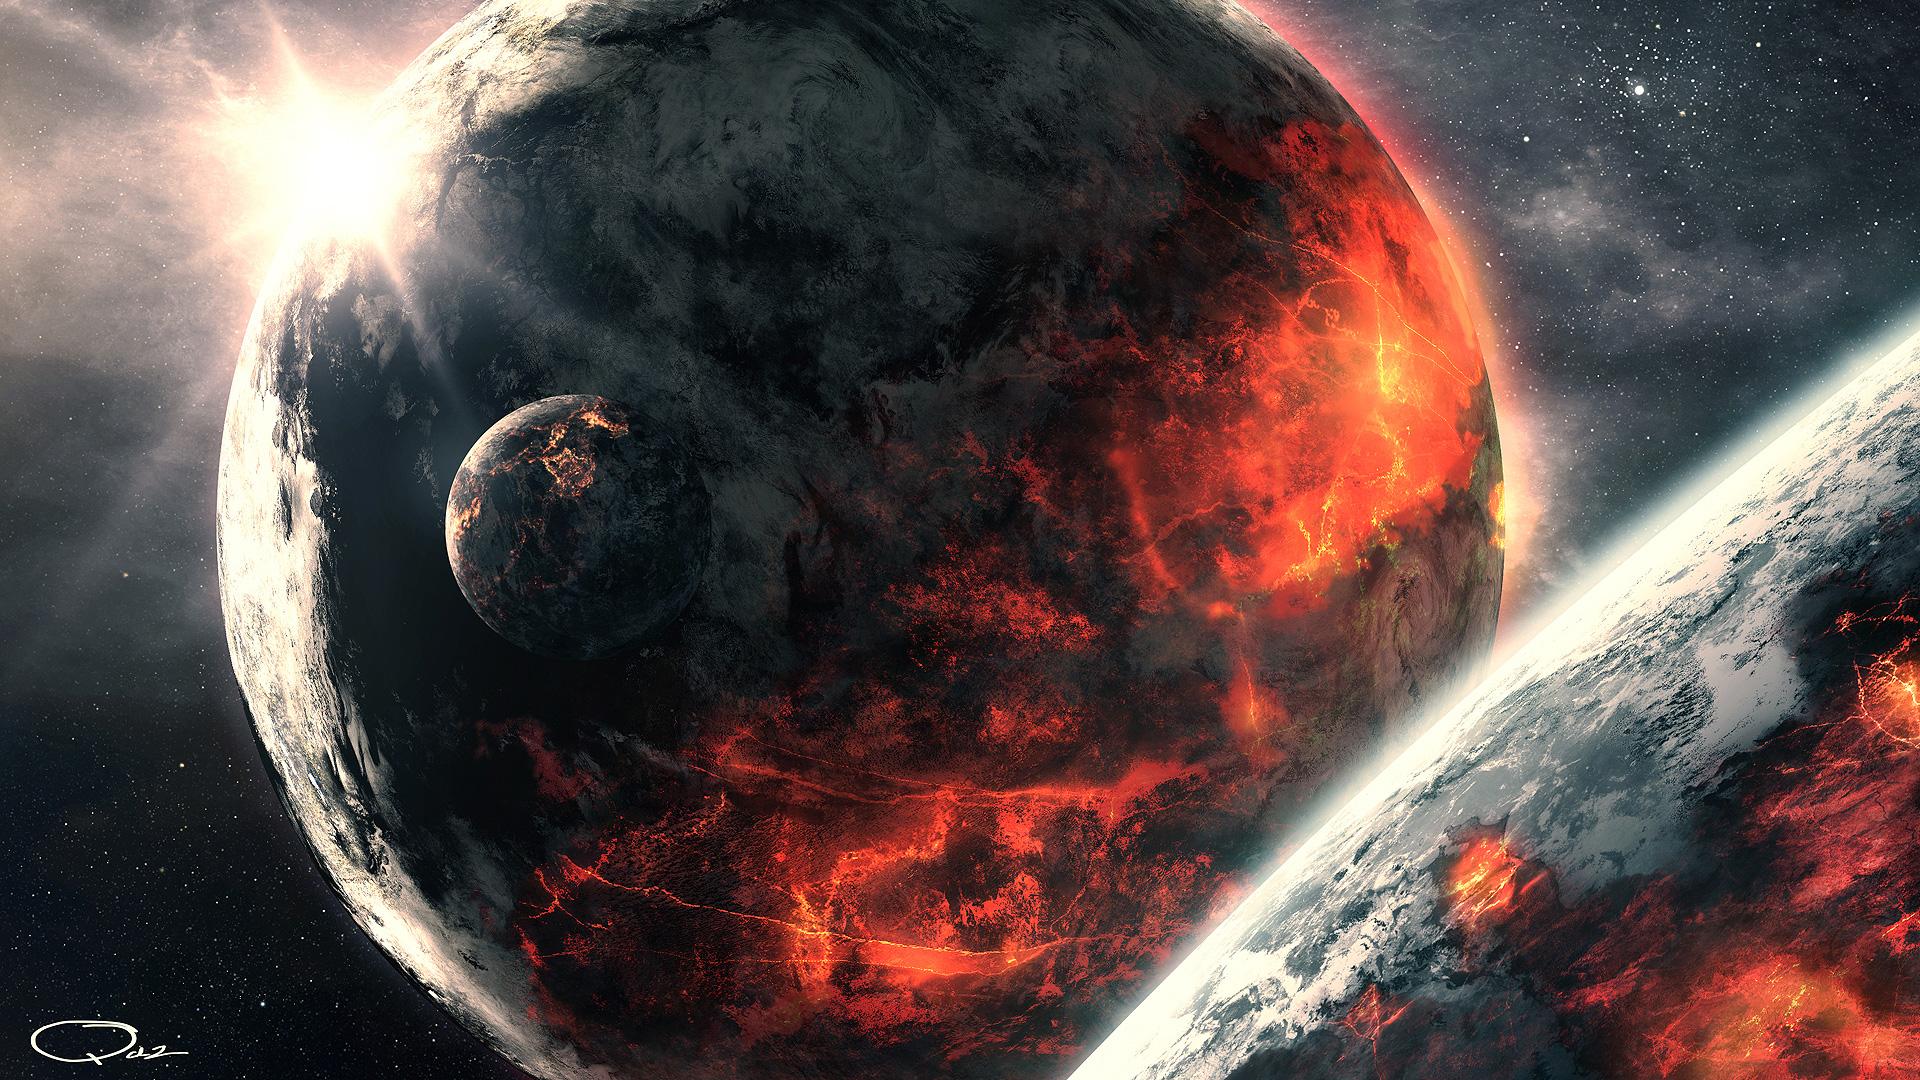 47+ Sci Fi HD Wallpapers 1080p on WallpaperSafari